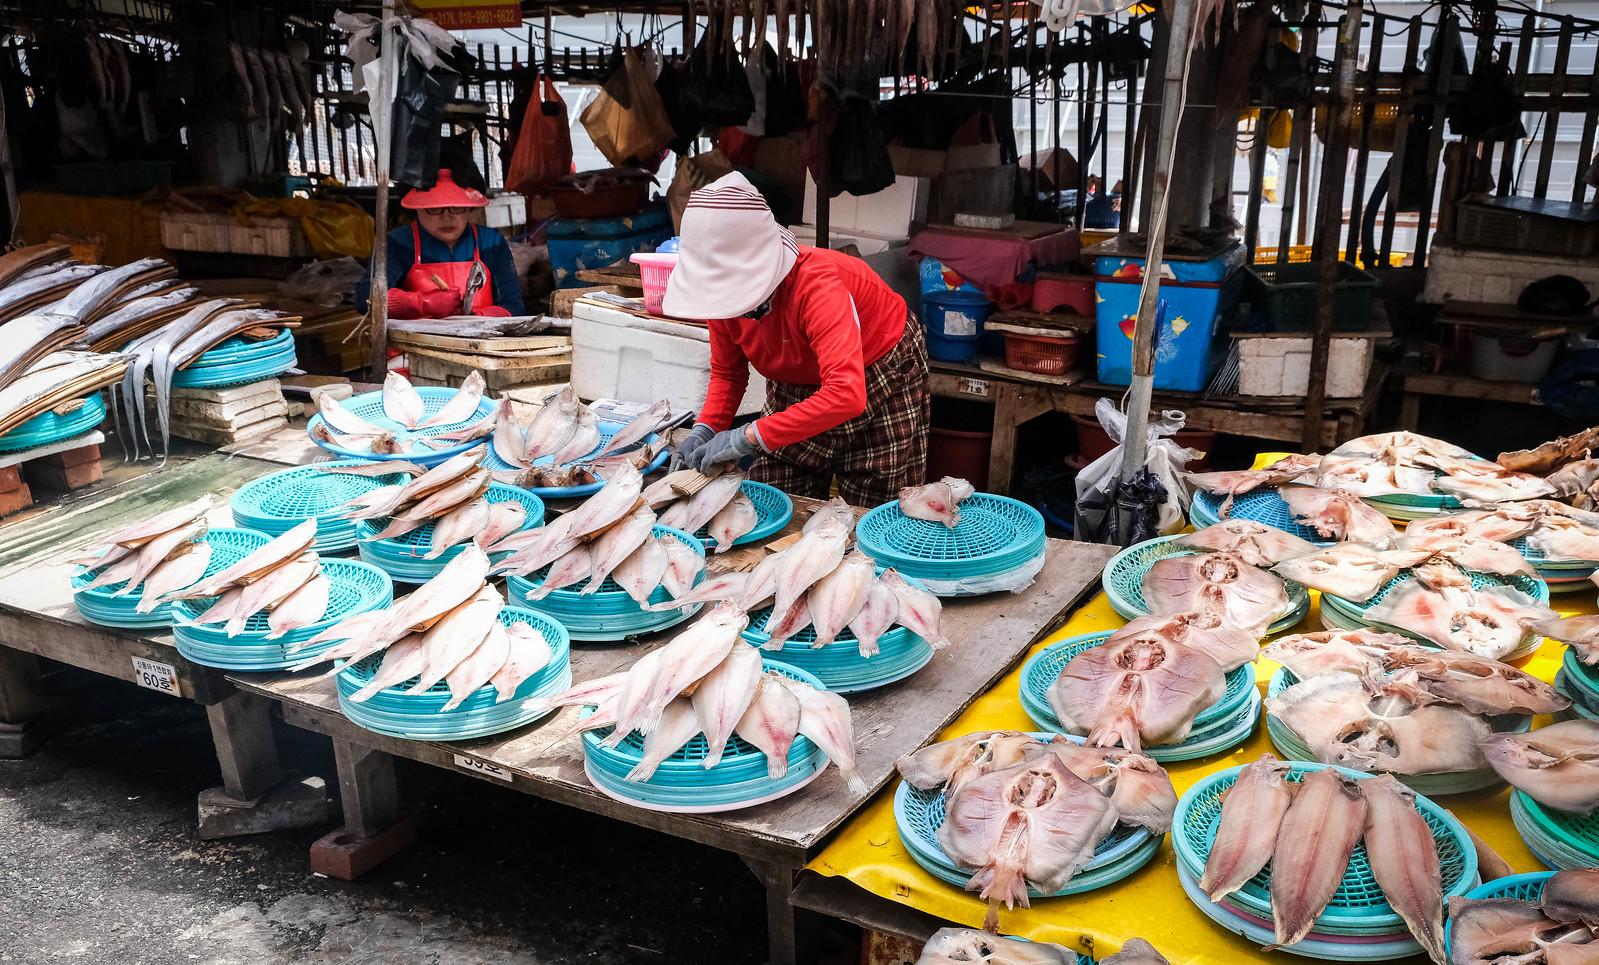 上显示札嘎其市场干鱼